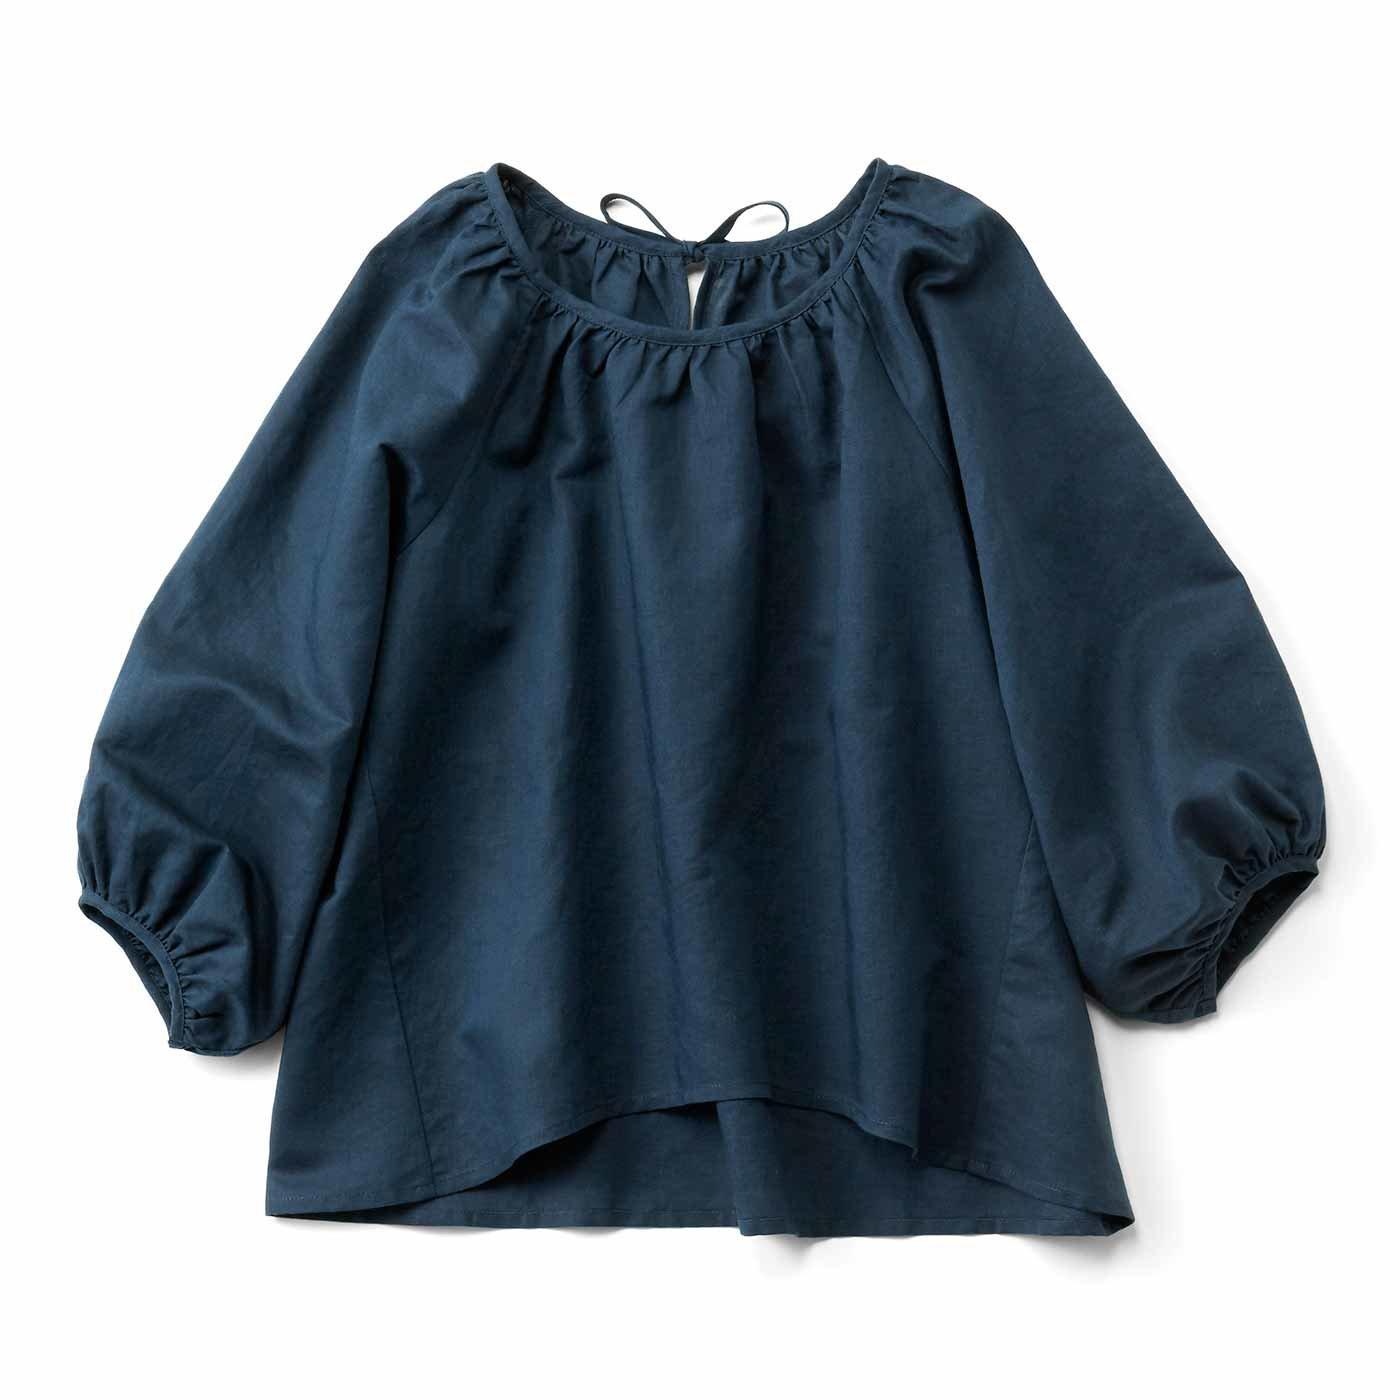 【3~10日でお届け】ぷわんと袖がかわいい 麻混プルオーバートップス〈ネイビー〉